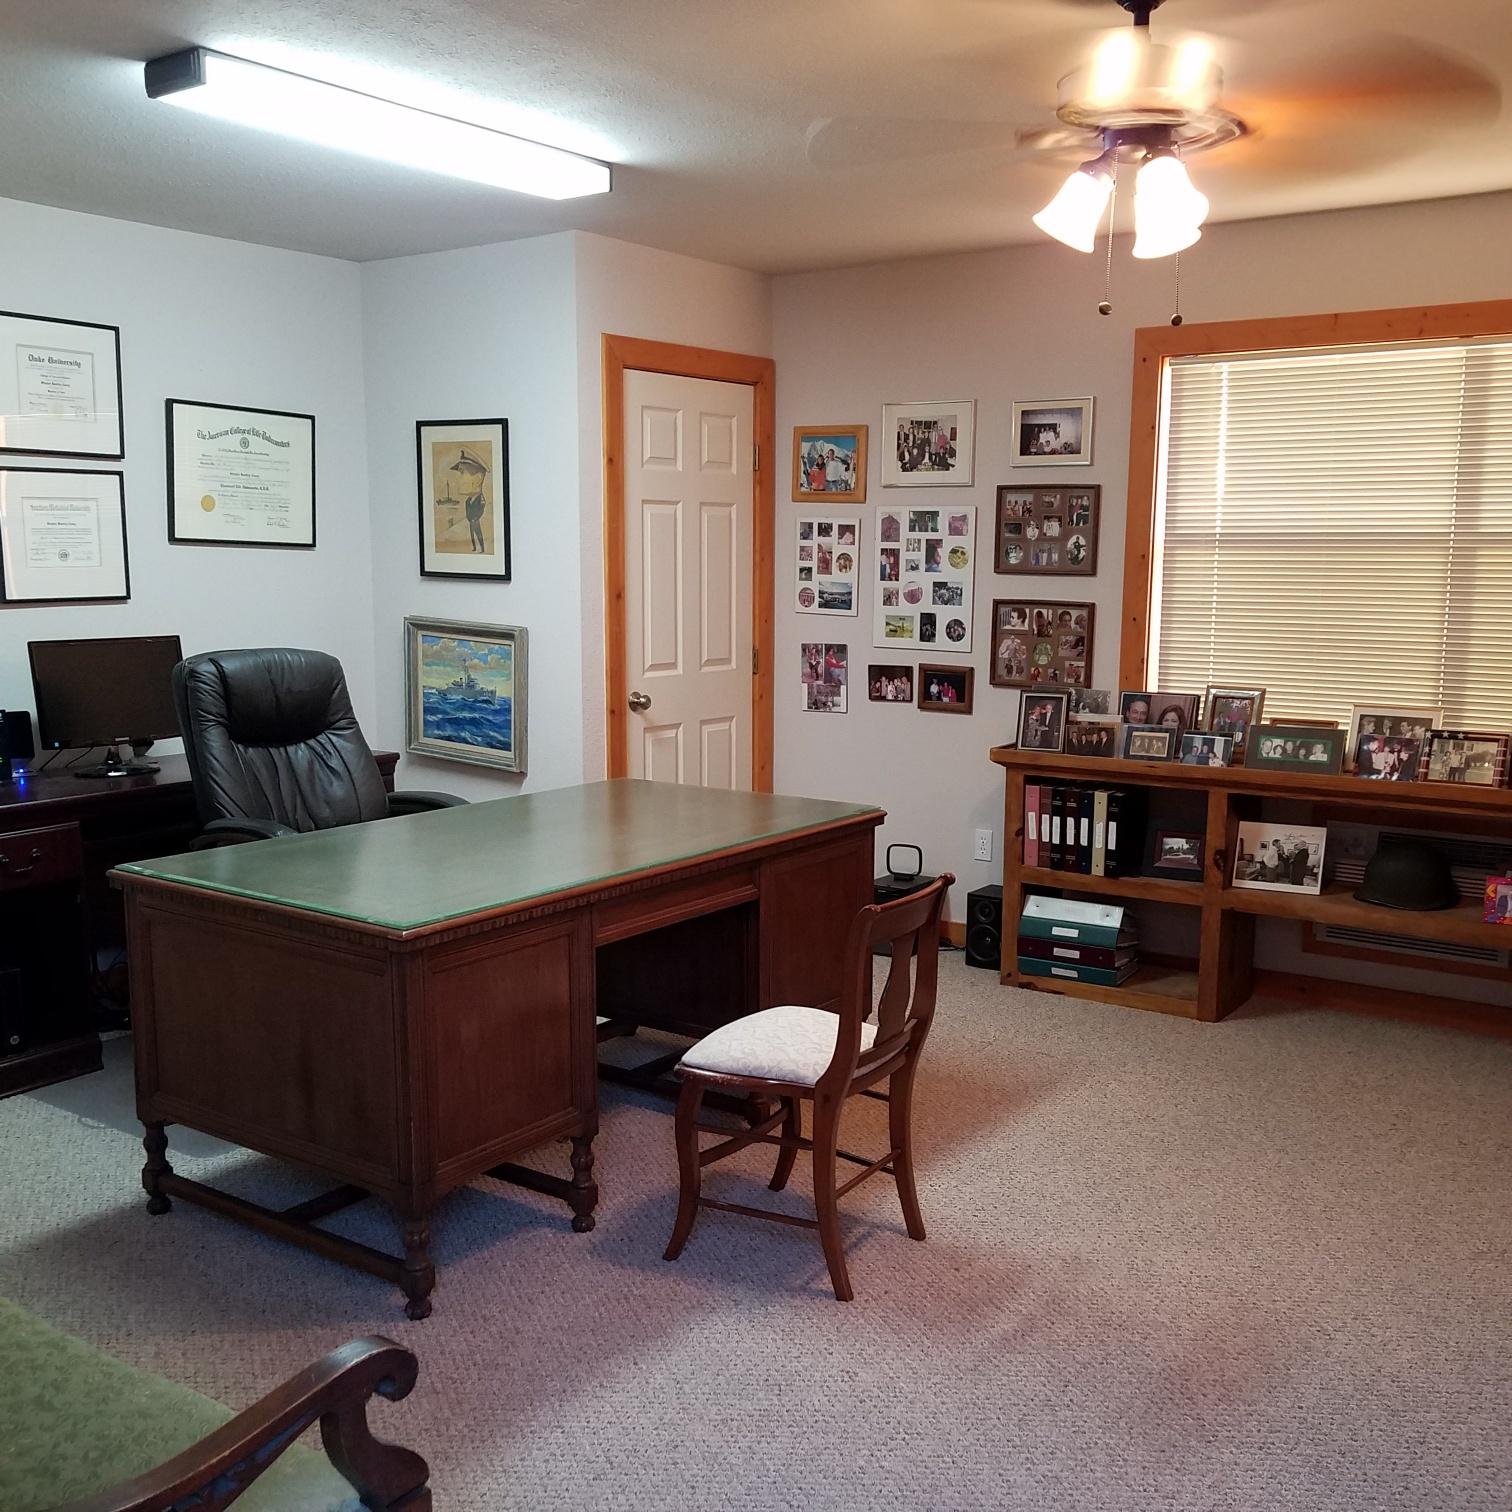 casita_office.jpg.jpg